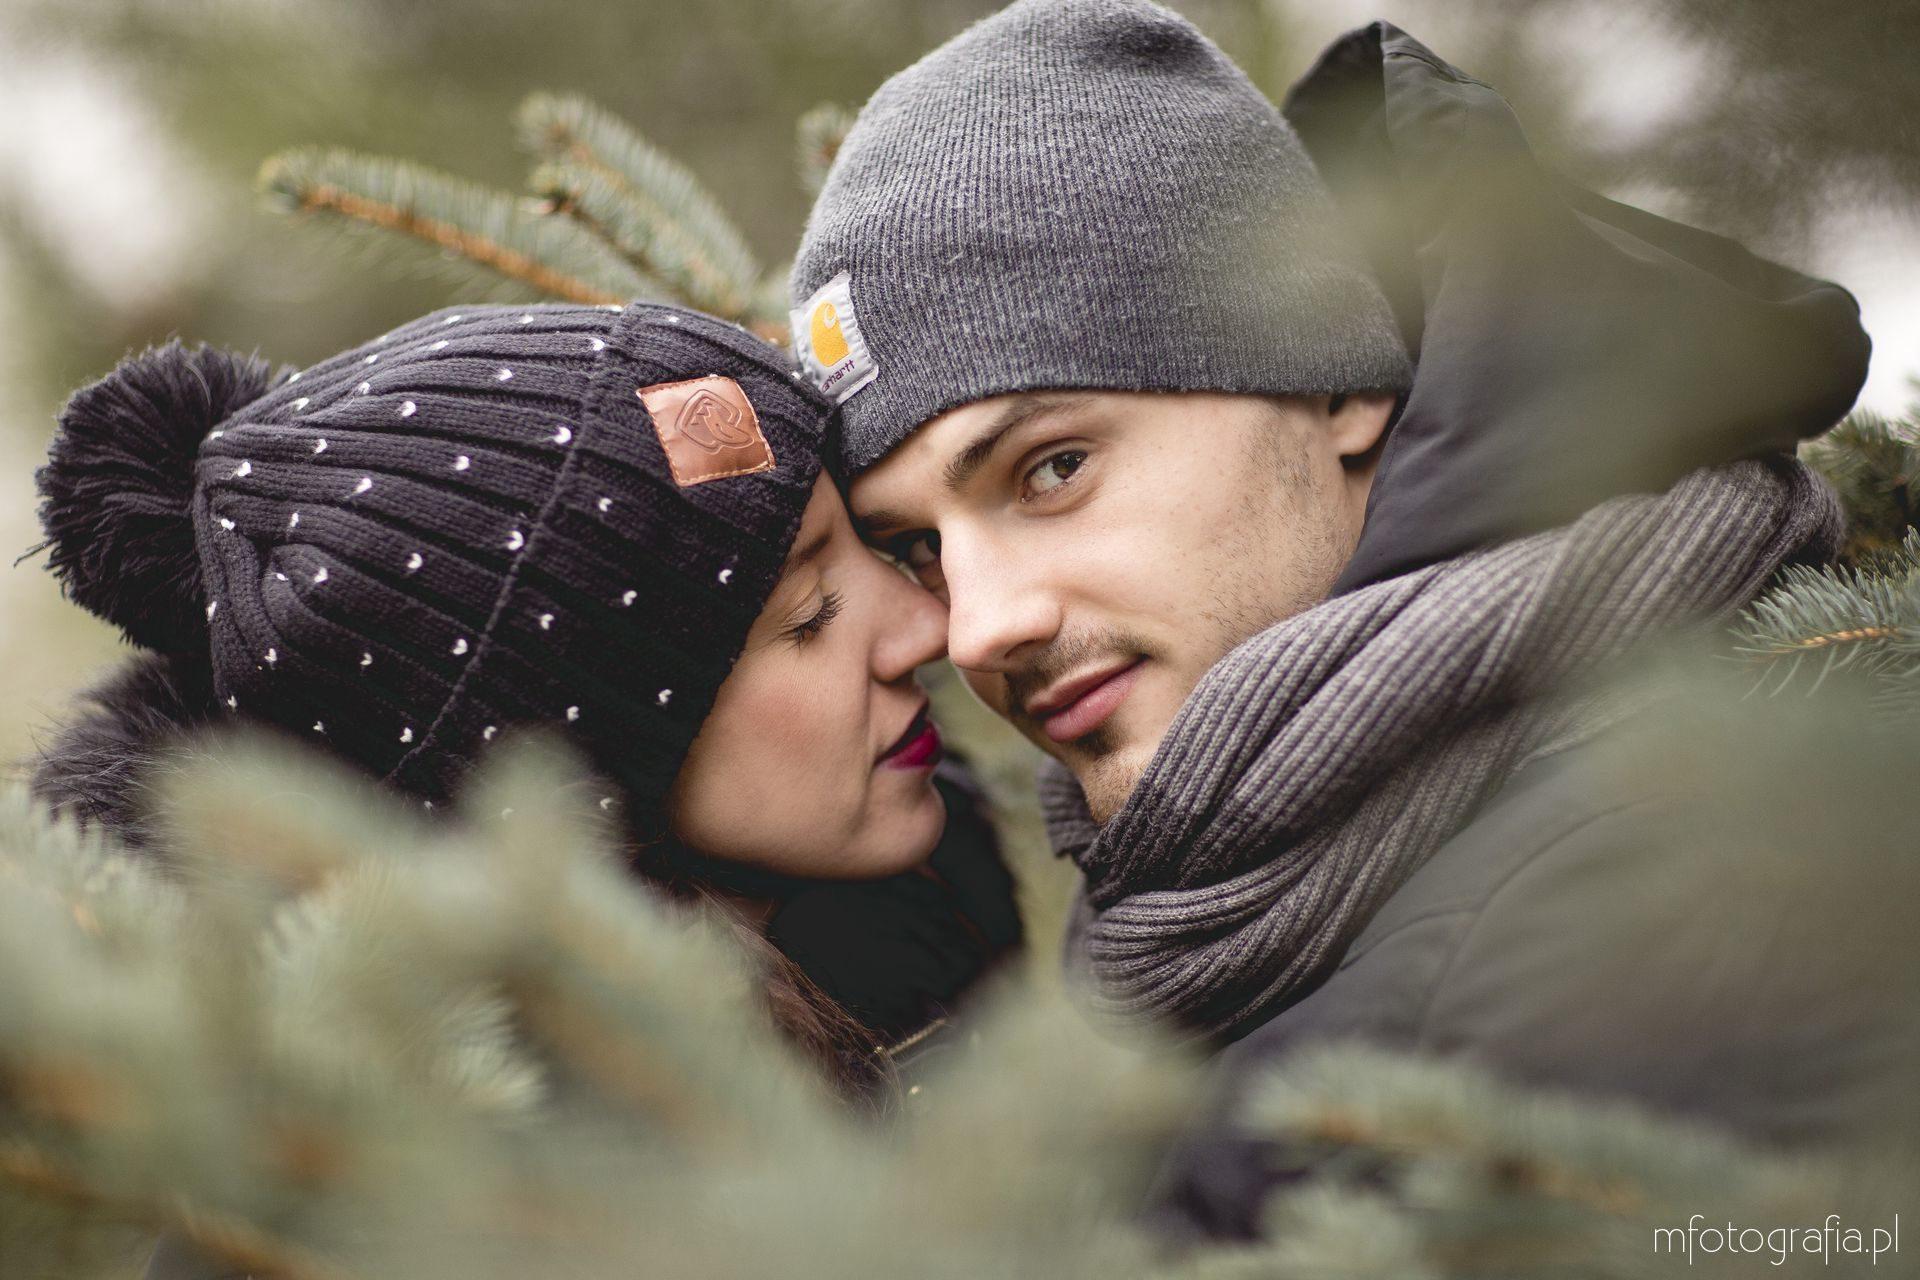 zdjęcia miłosne pary zakochanych